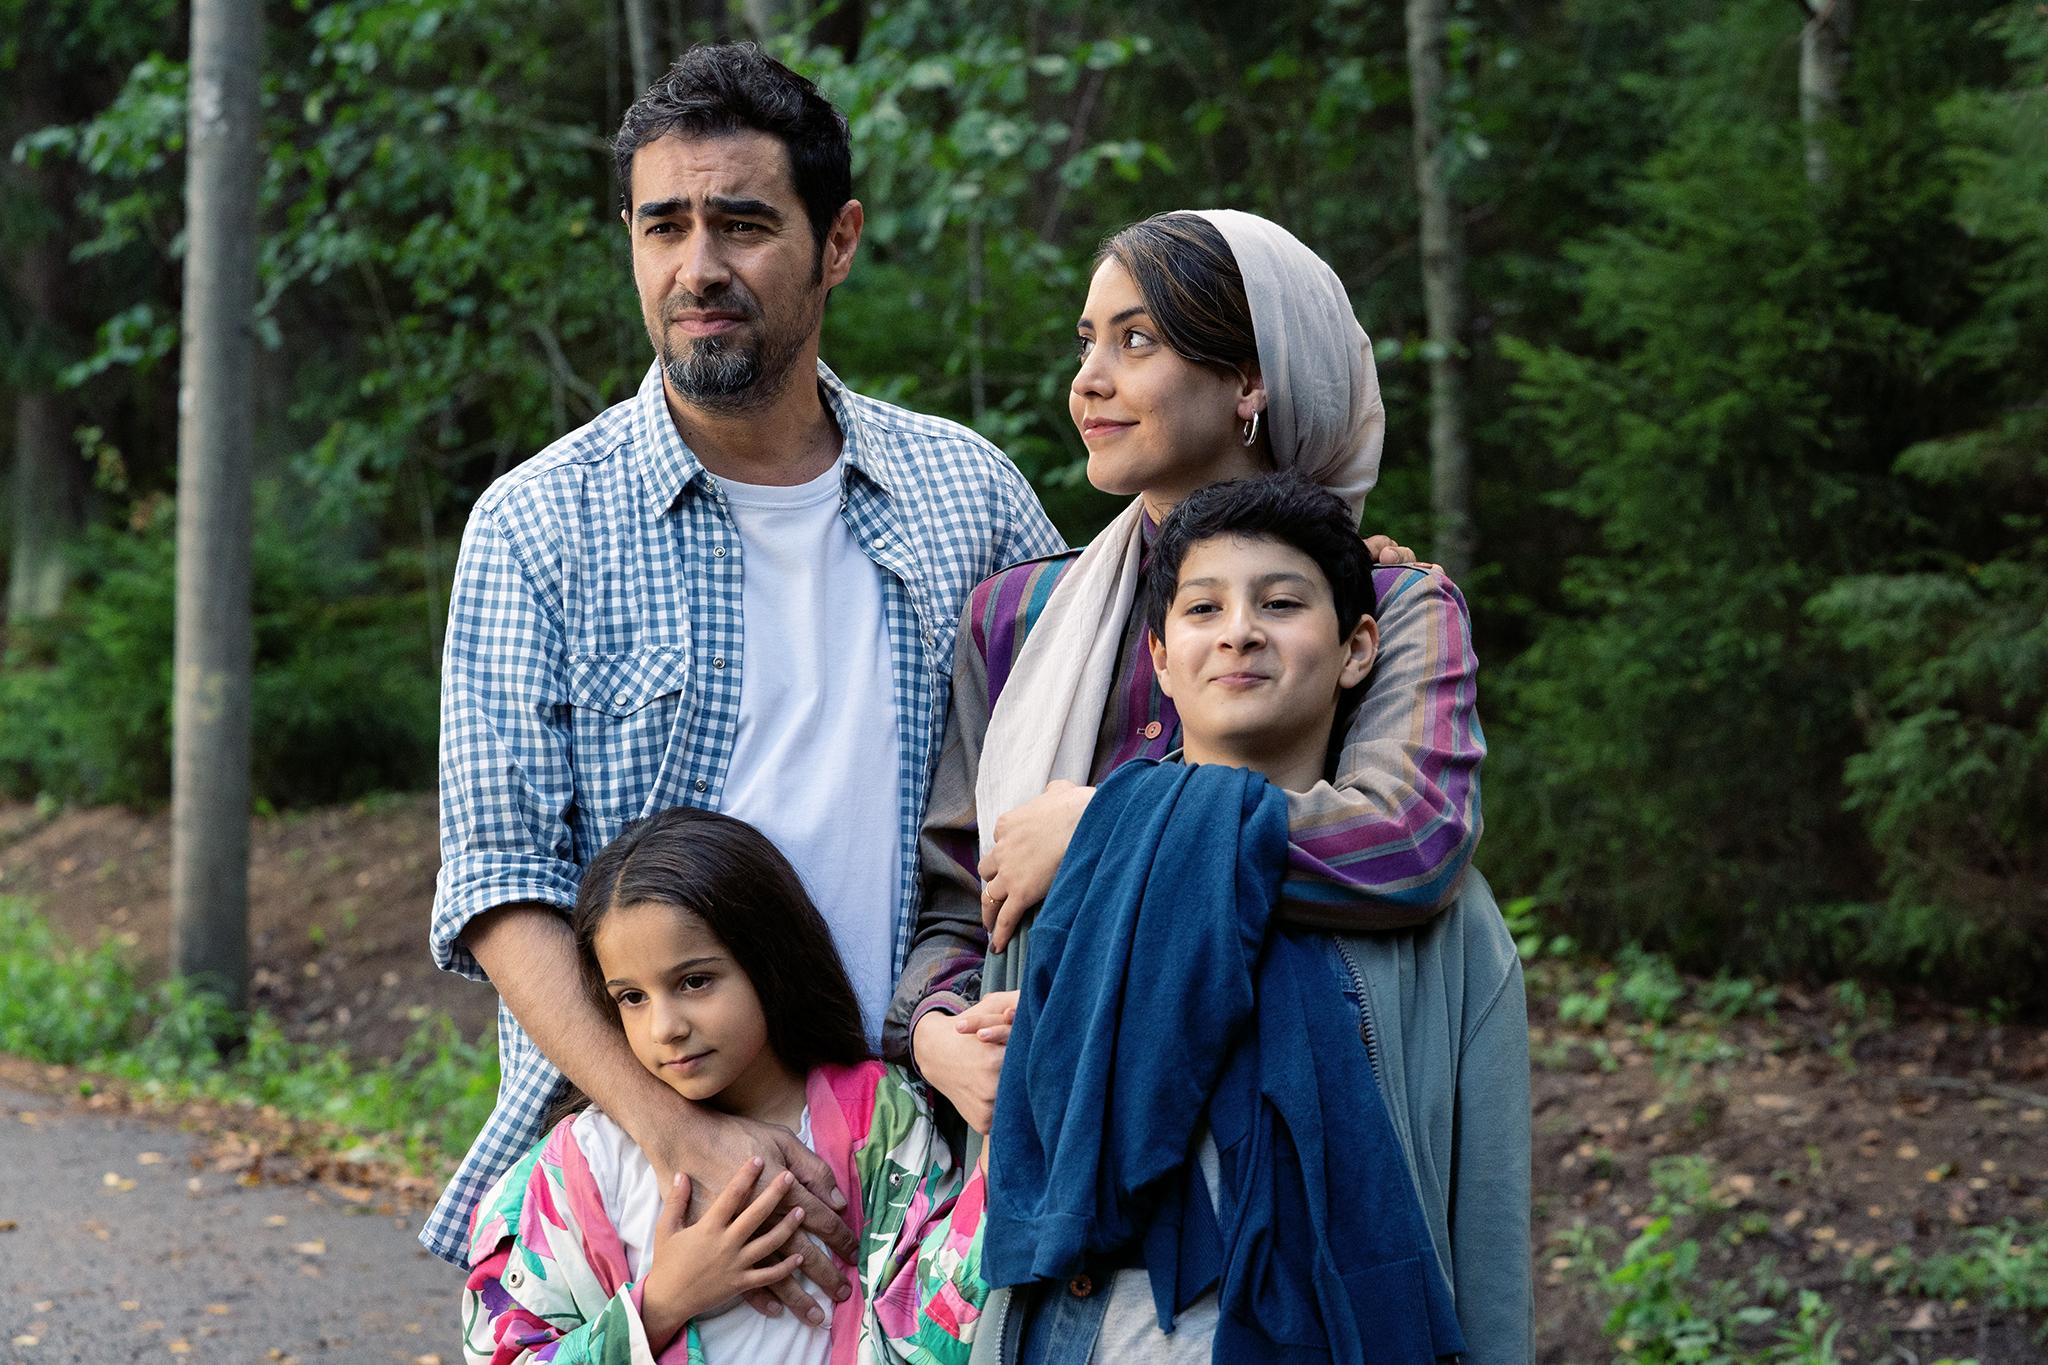 Palkitun ohjaajan Hamy Ramezanin esikoiselokuva kertoo turvapaikkaa hakevan perheen arjesta Suomessa